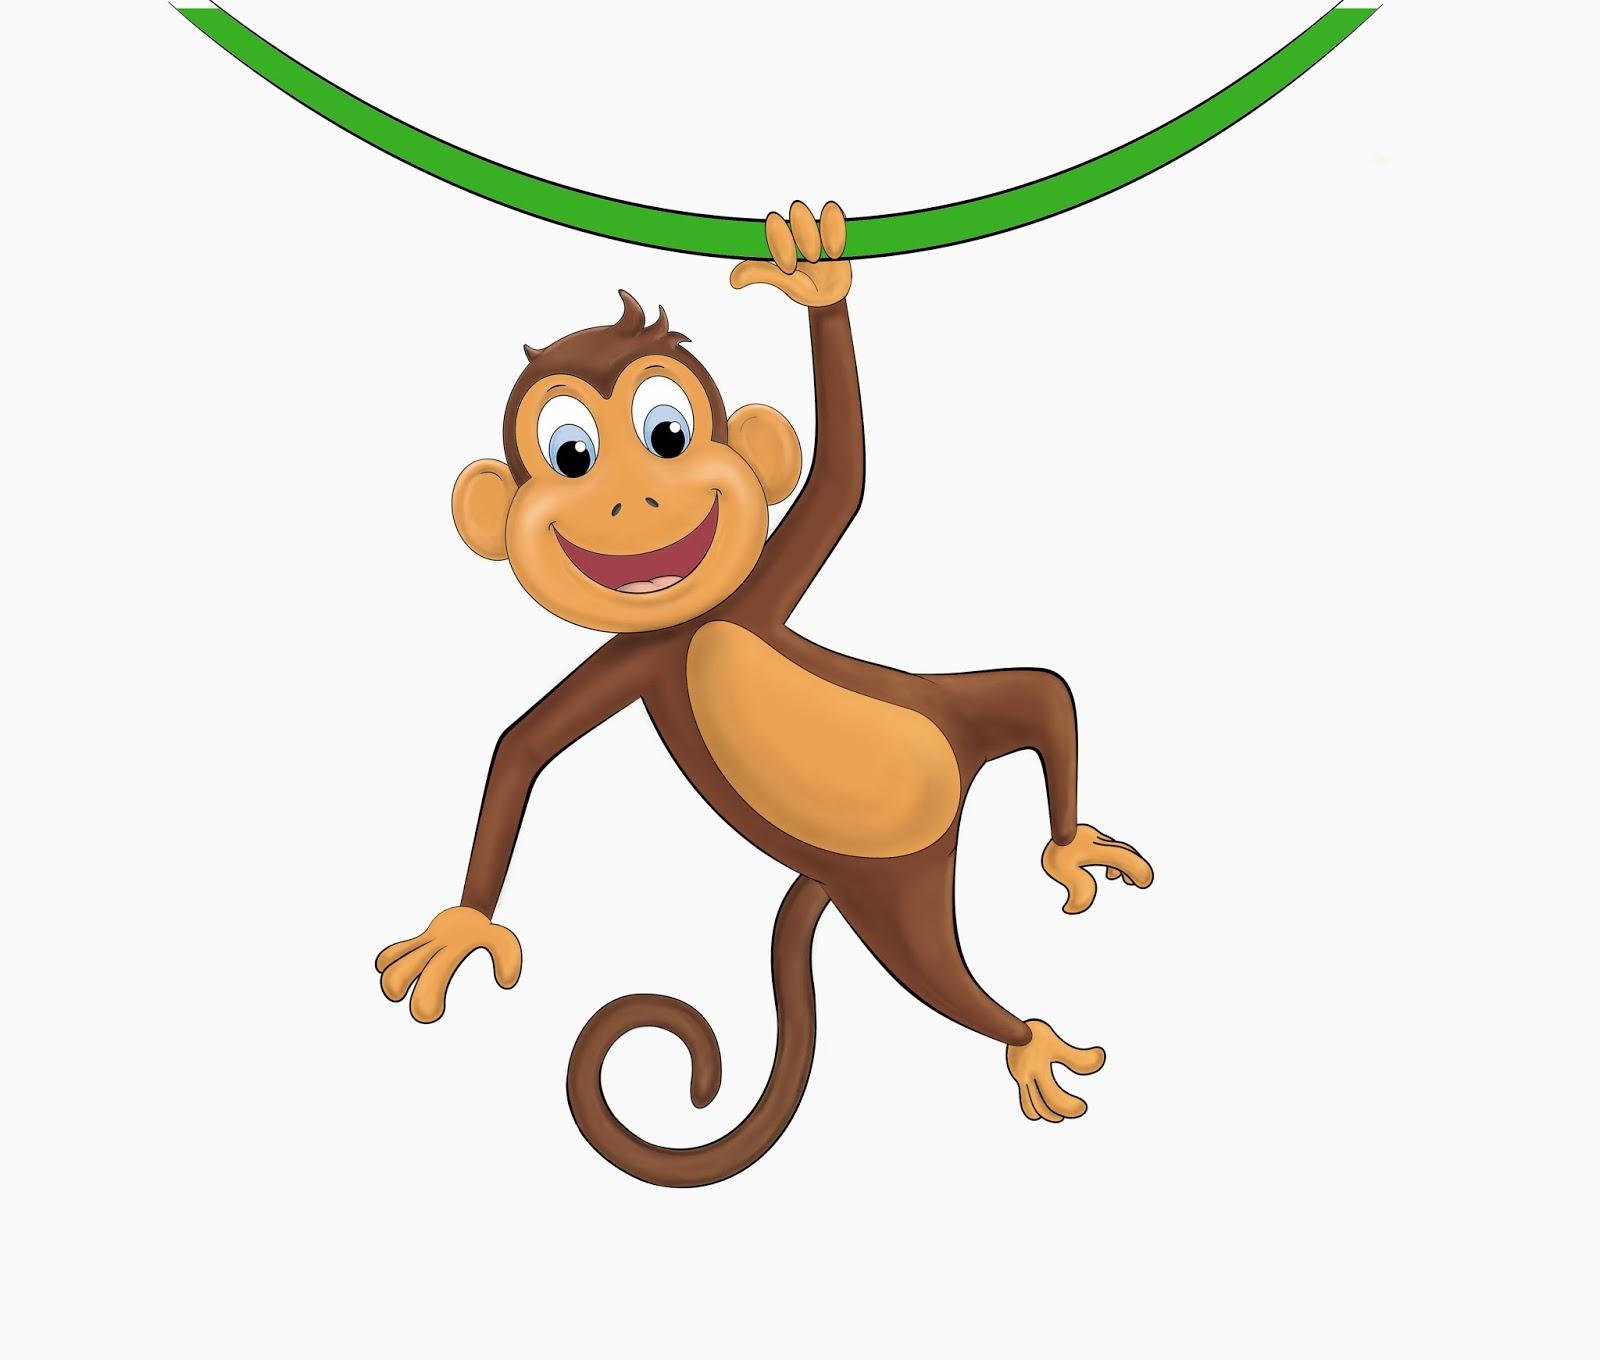 monkey clipart-monkey clipart-8